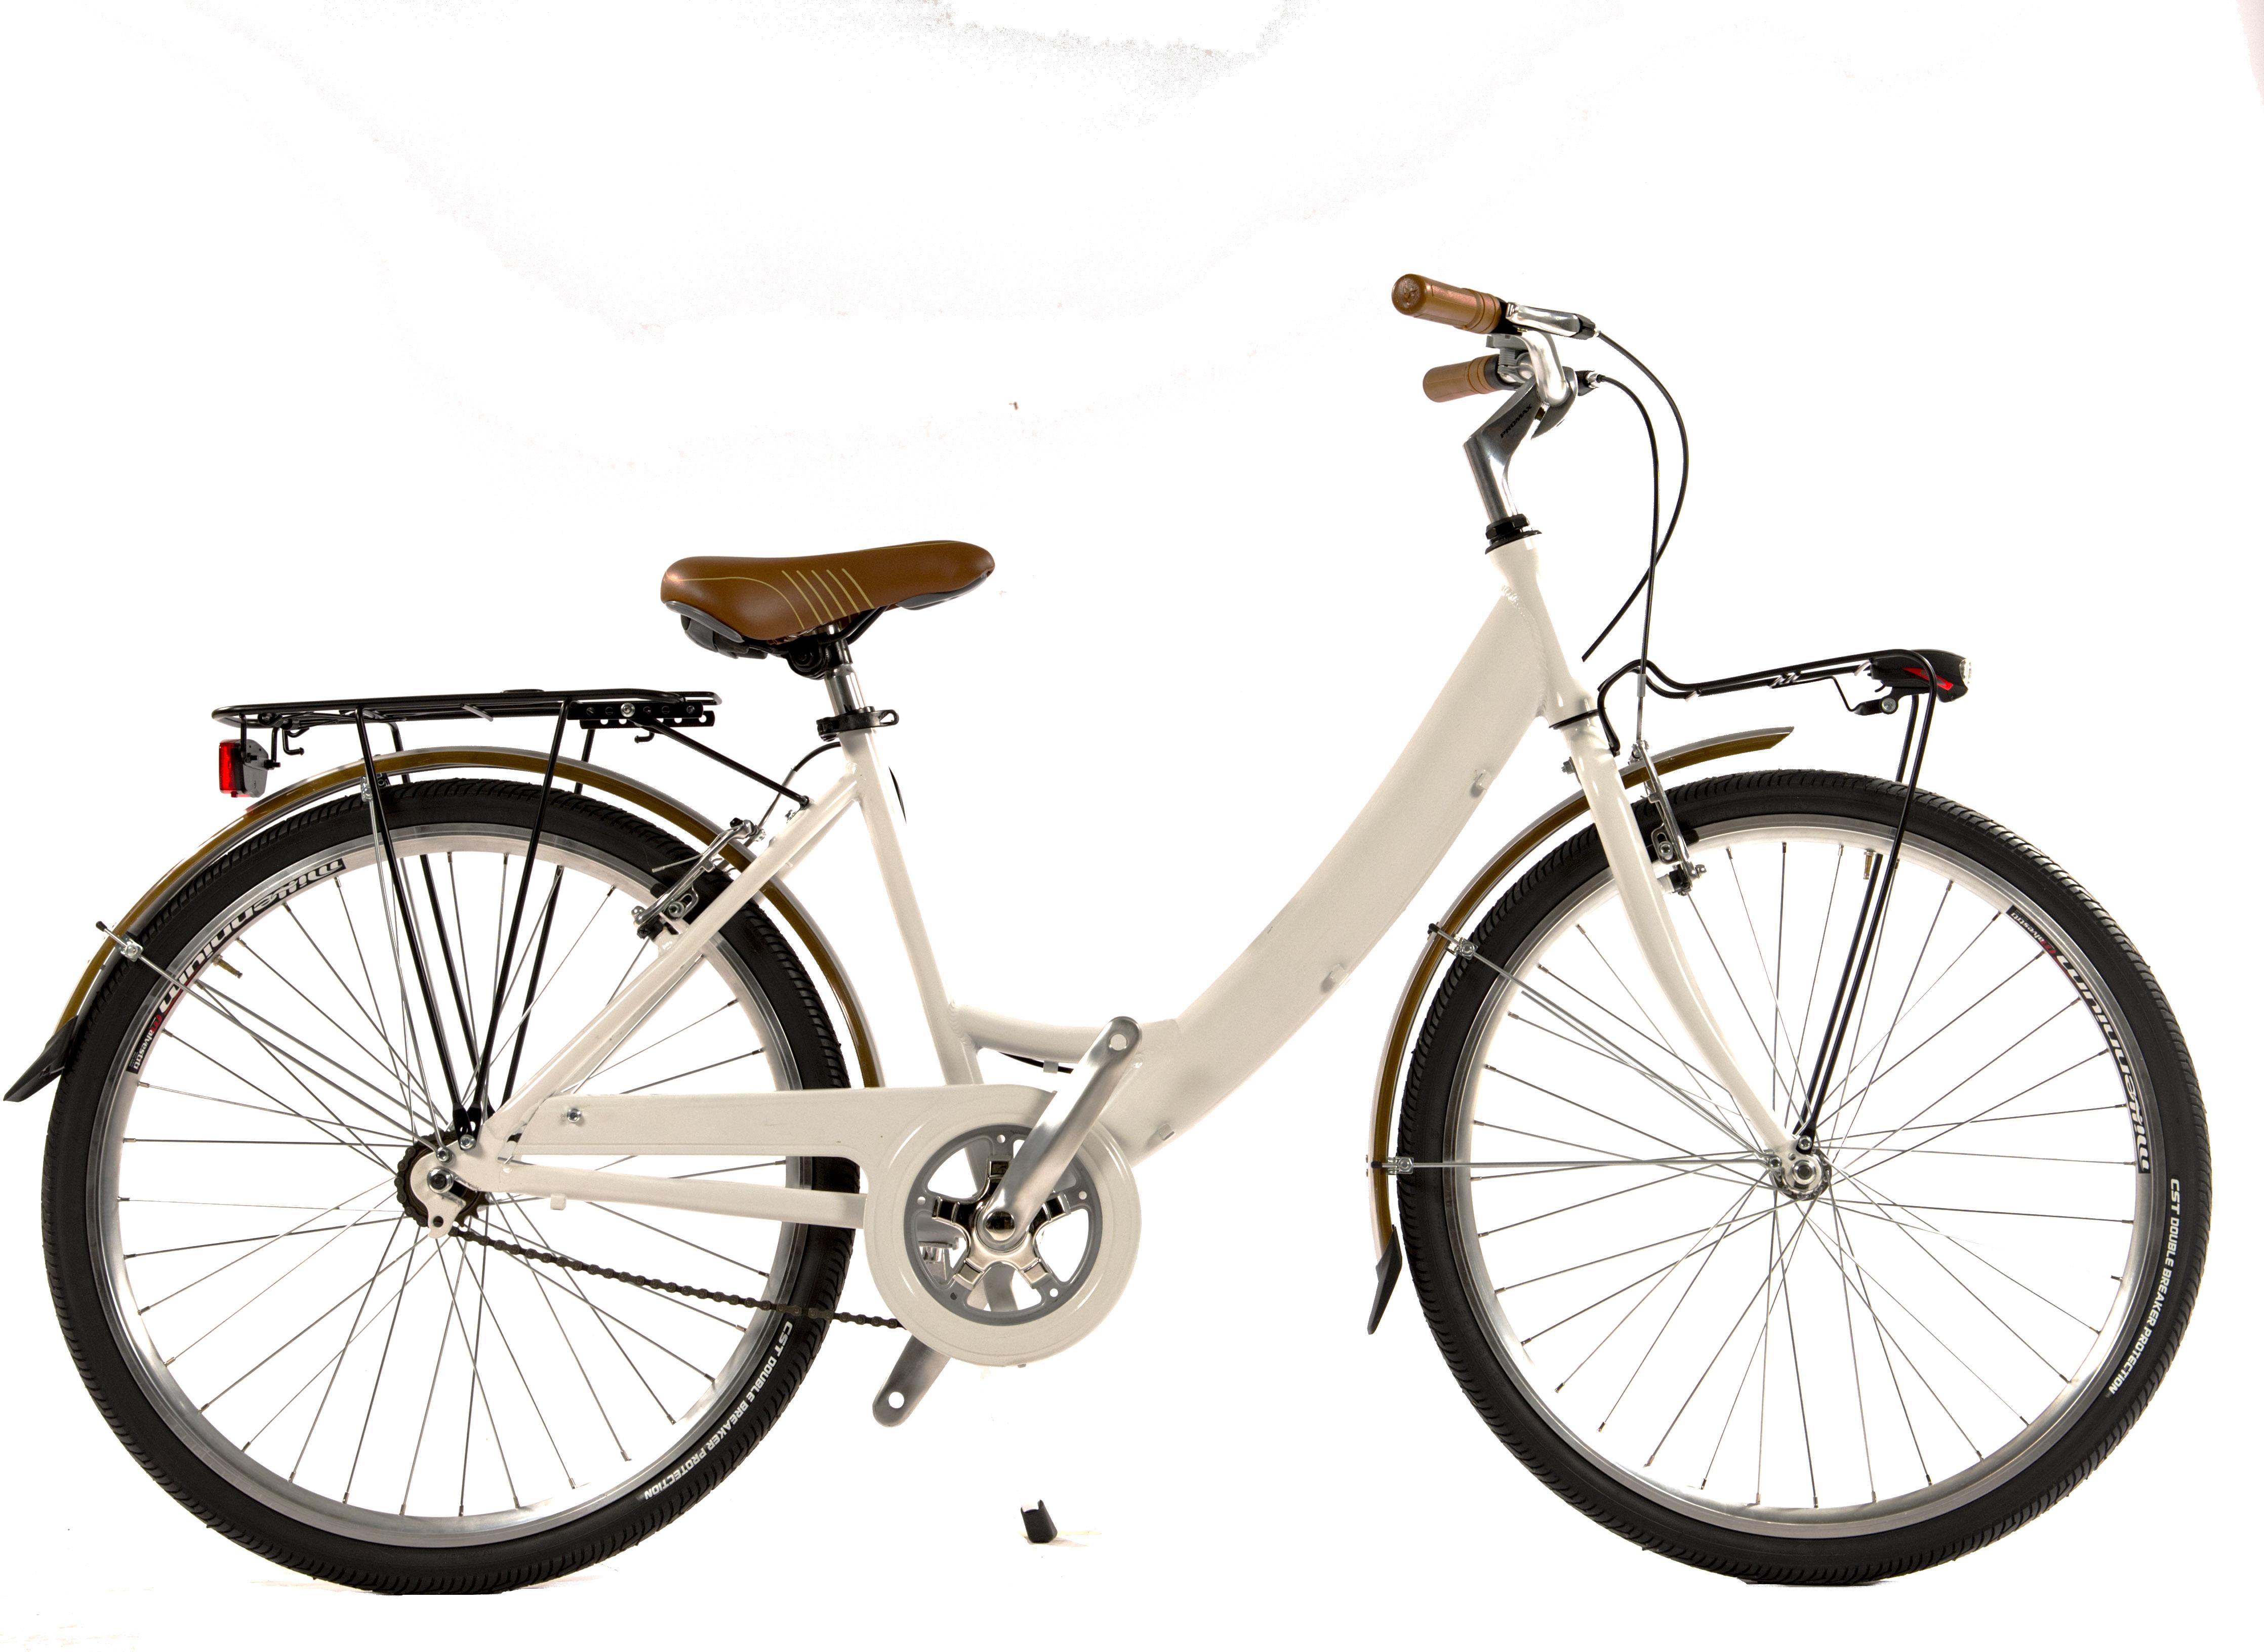 Novità: l'Hotel Sardegna da oggi mette a disposizione biciclette per visitare la città con più comodità.